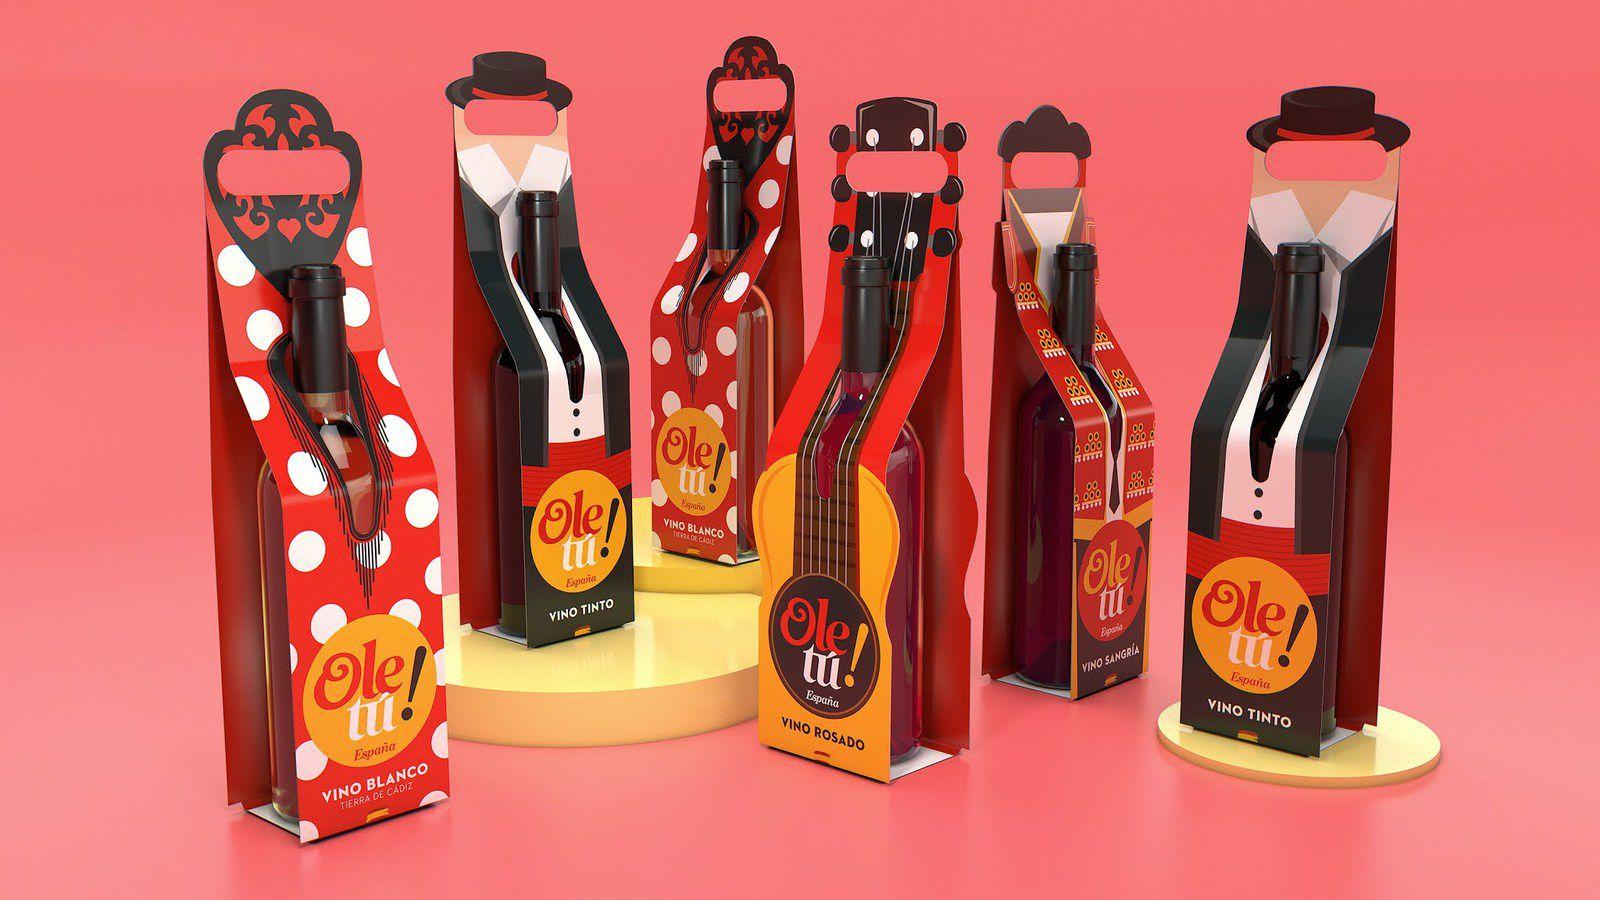 Ole tú - Ole tú negocios S.L. (spécialités espagnoles : vin, charcuterie, huile d'olive...) I Design : ALFONSO, Espagne (novembre 2020)